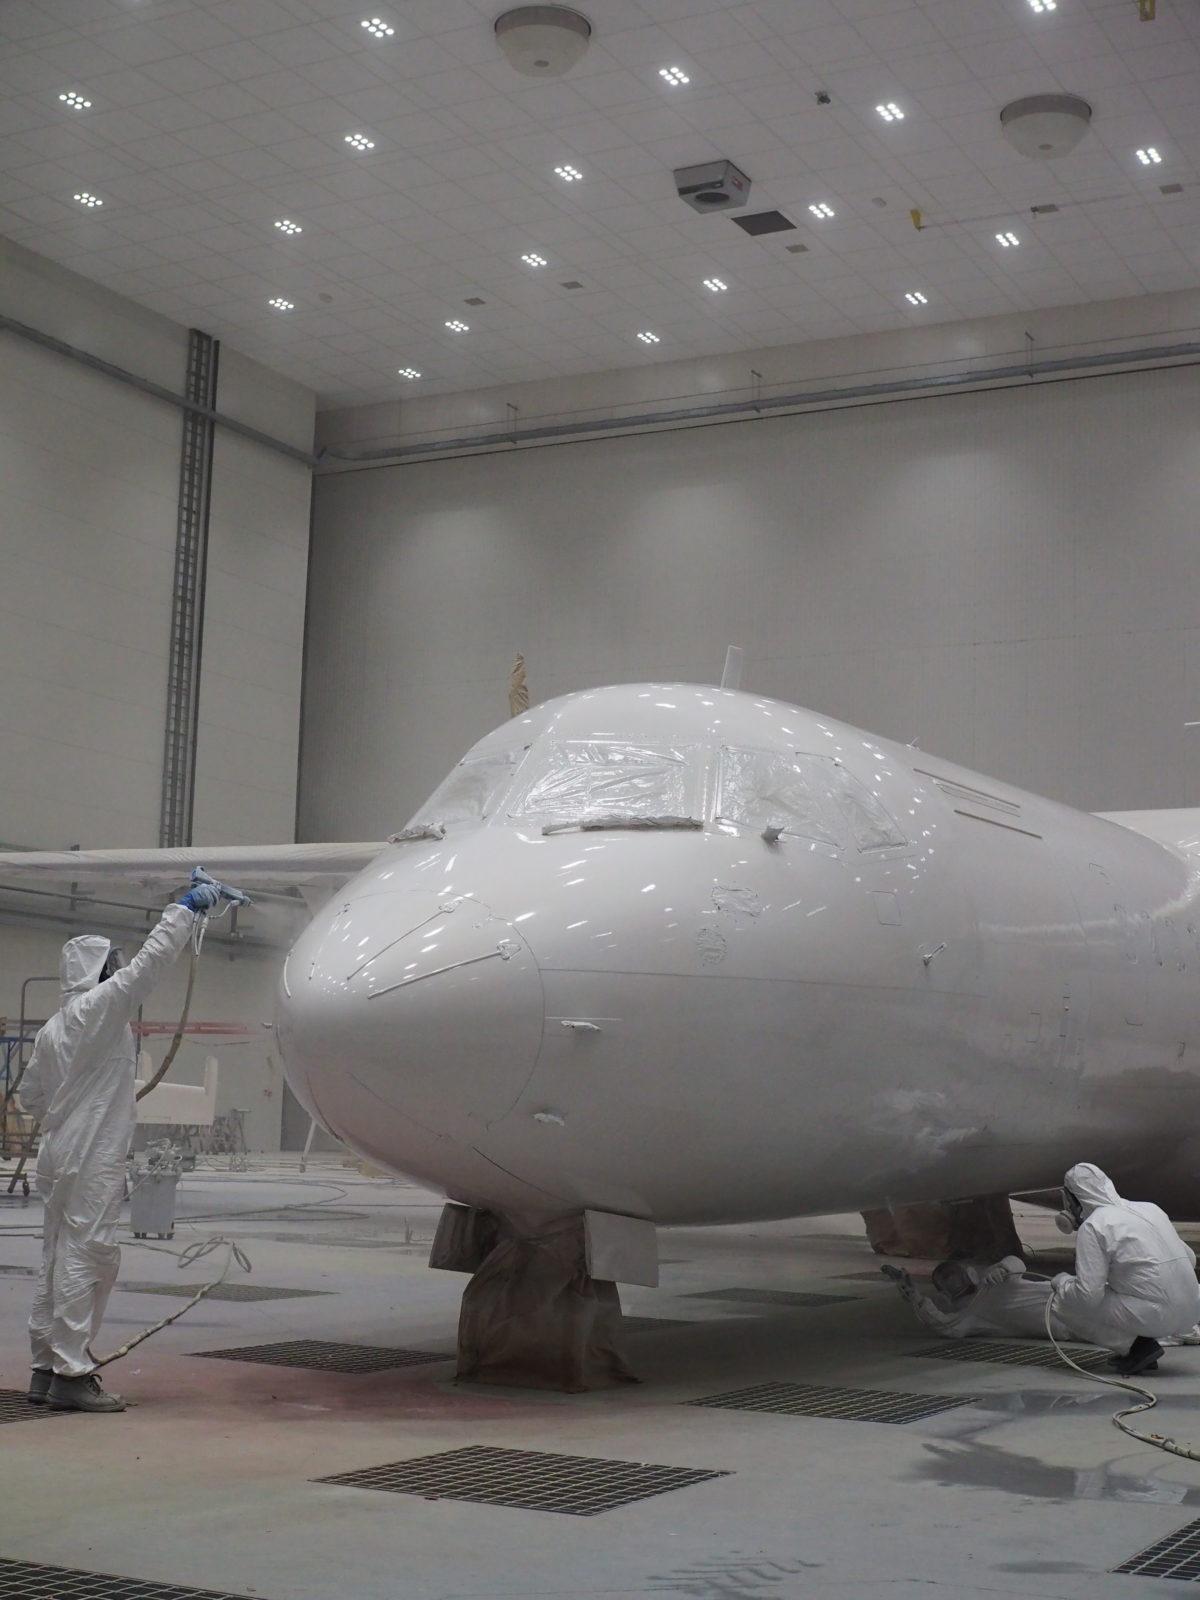 Nowoczesne malowanie samolotów